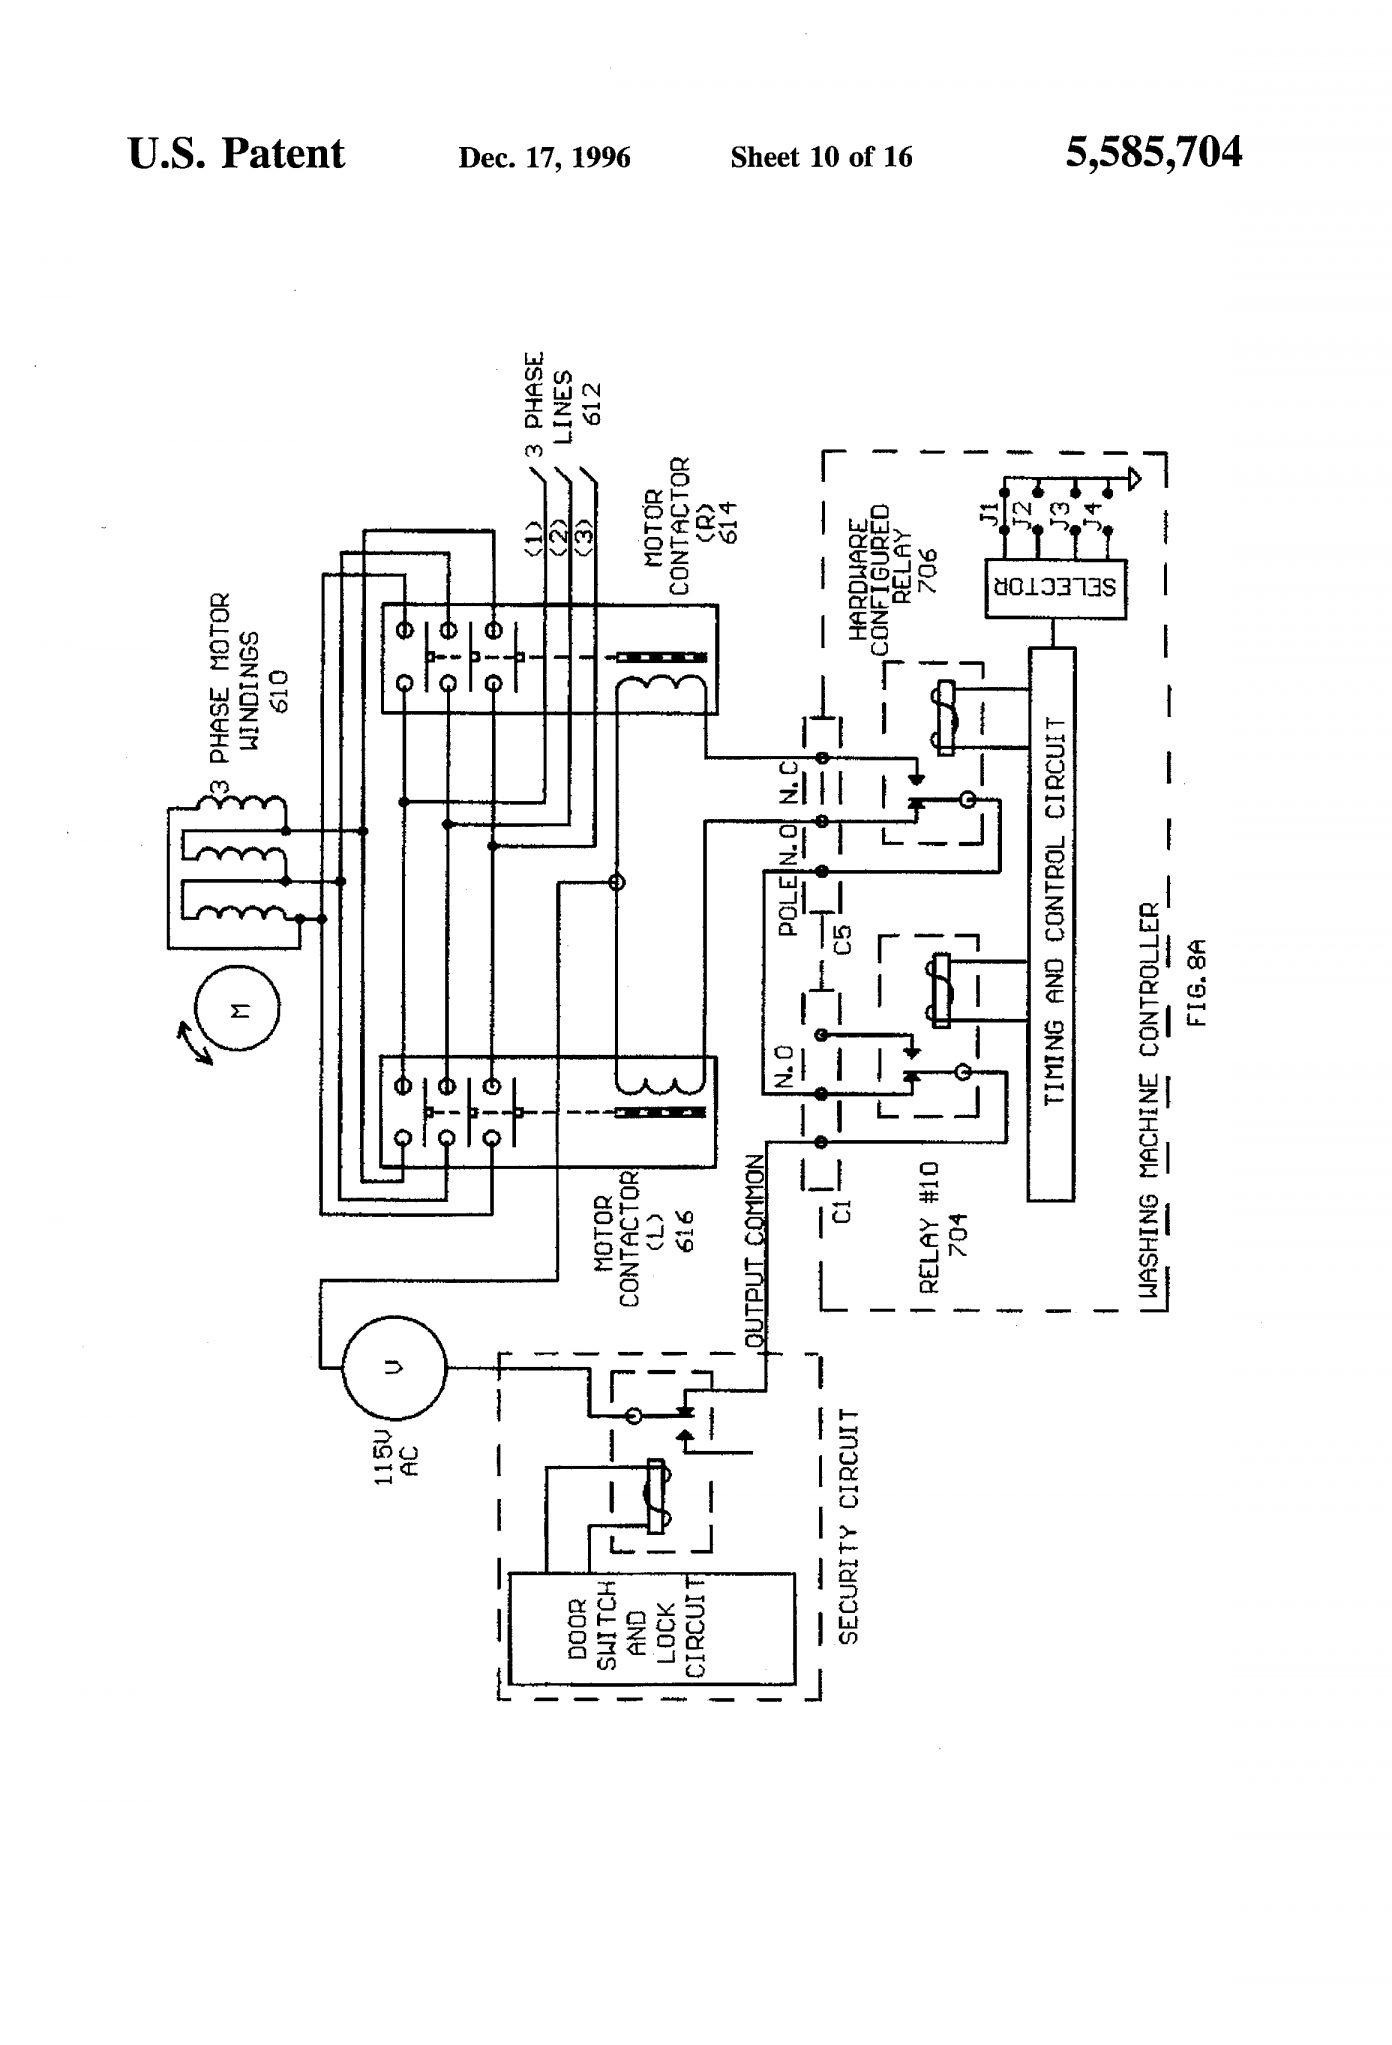 Ge Motor Wiring Diagram : motor, wiring, diagram, Electric, Motor, Wiring, Diagram, Washer, Resources, Washing, Machine, Motor,, Diagram,